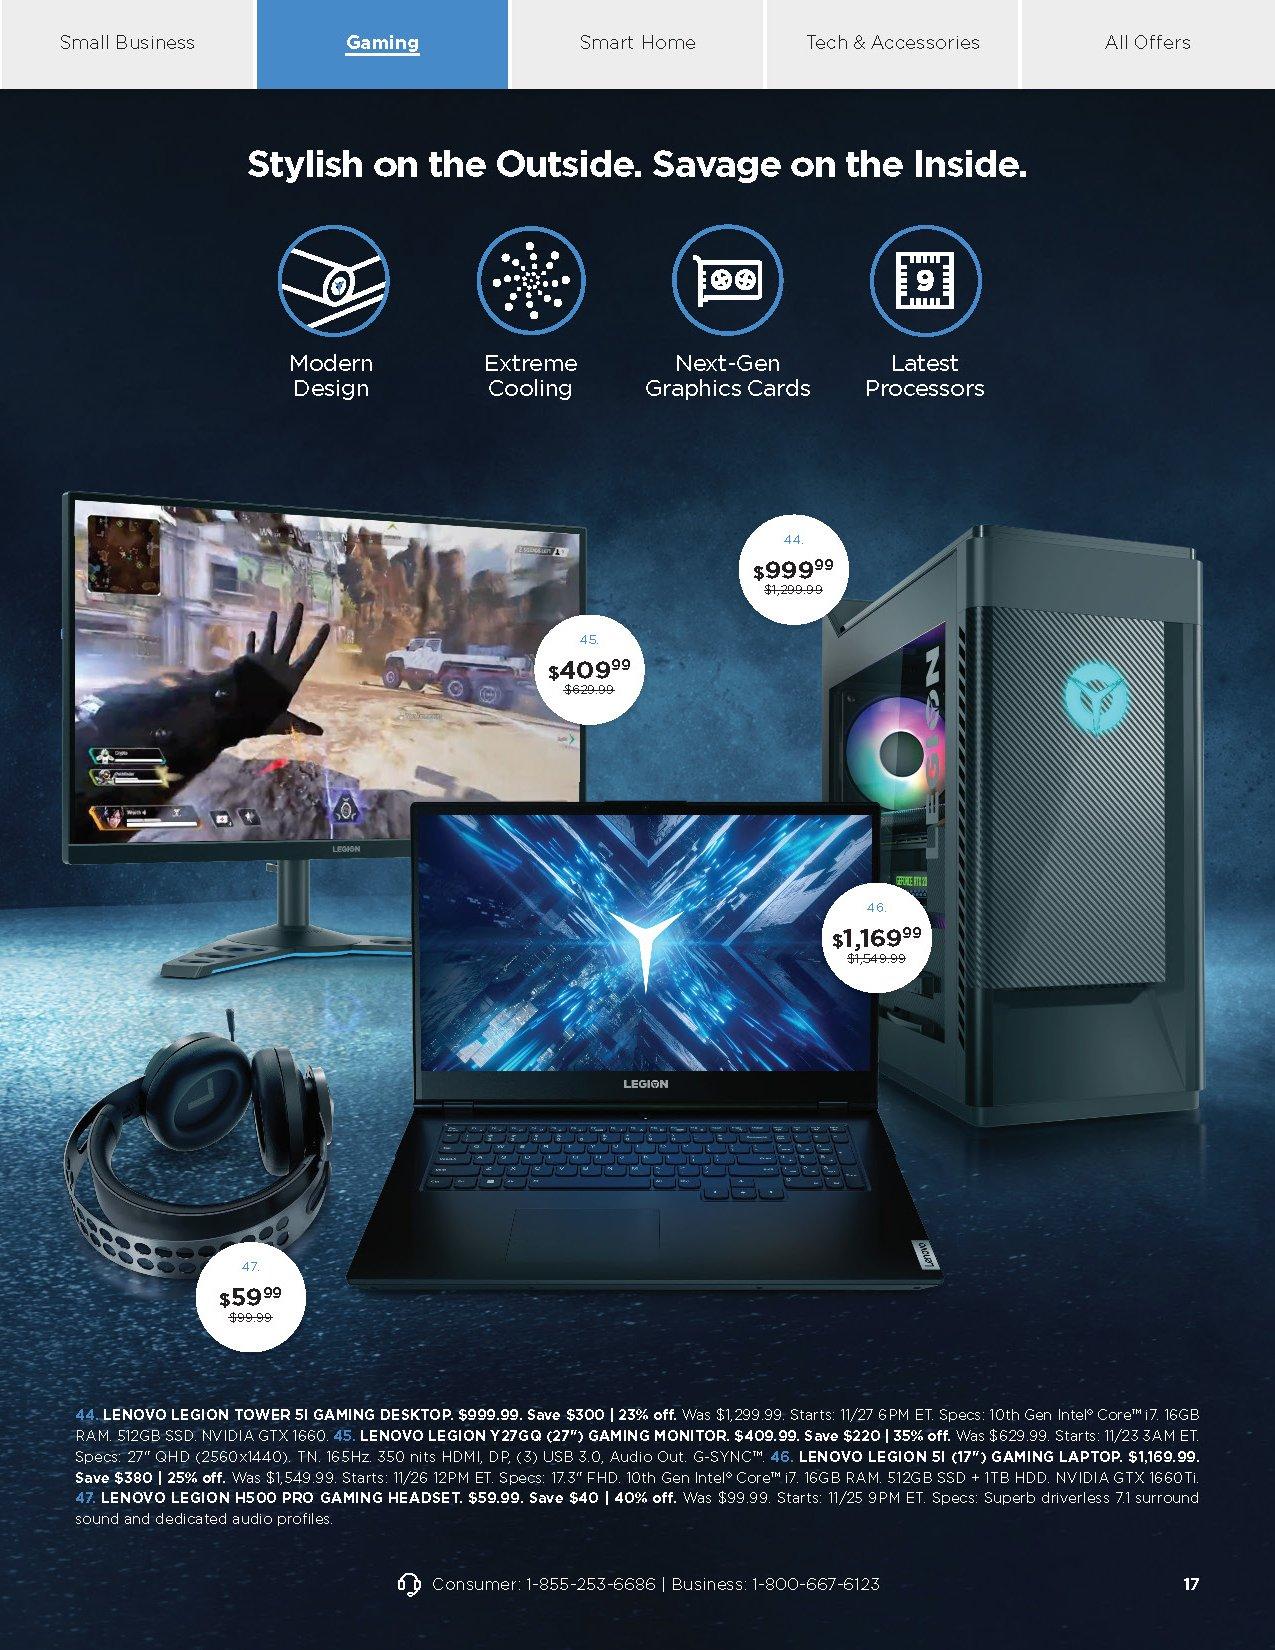 Lenovo Cyber Monday 2020 Page 17